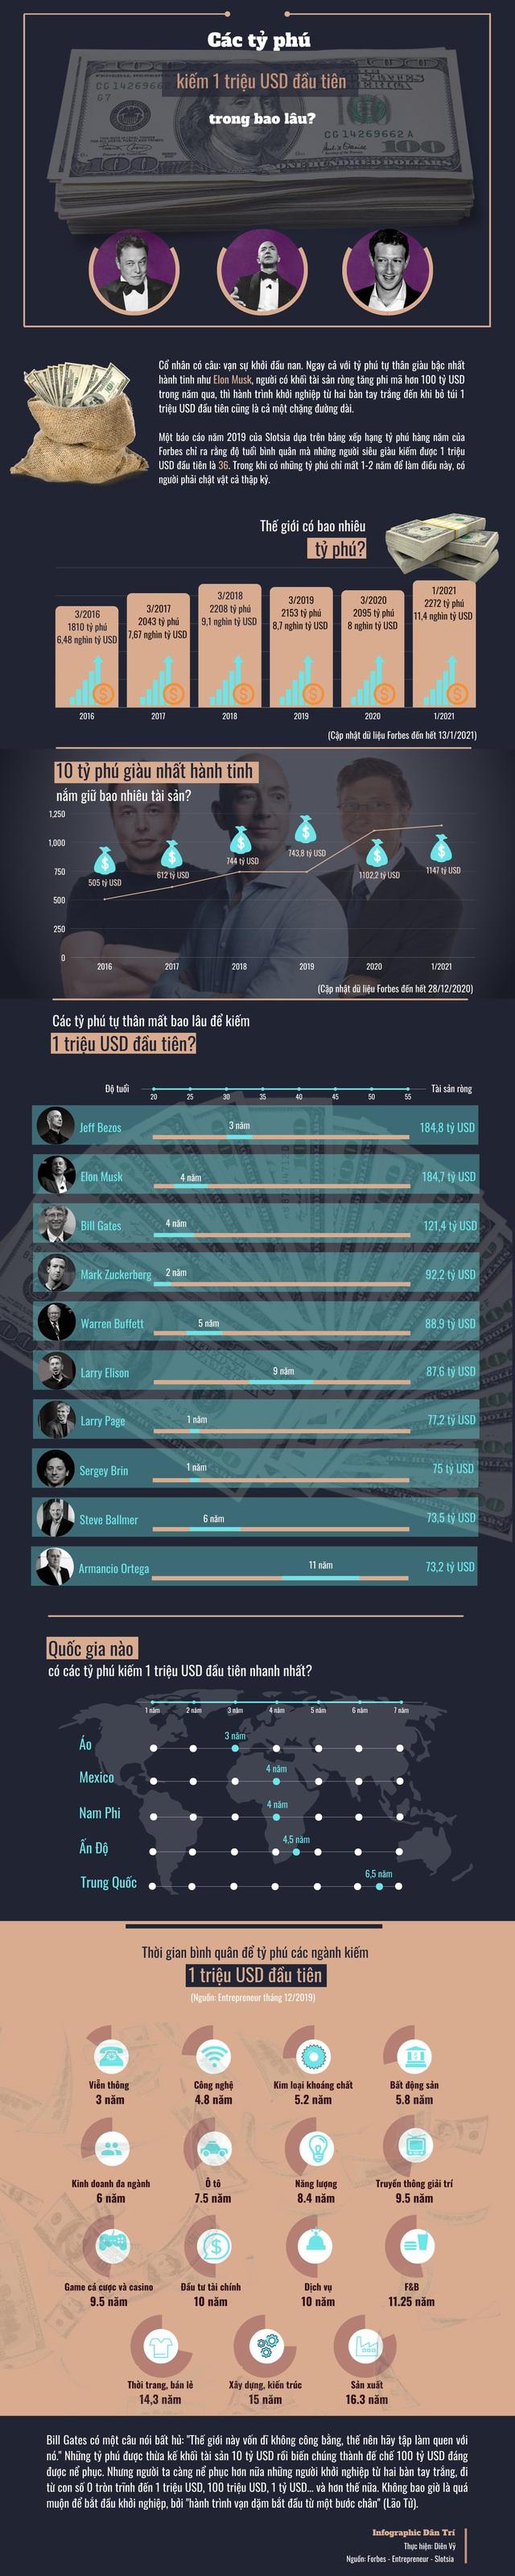 Các tỷ phú giàu nhất hành tinh kiếm 1 triệu USD đầu tiên trong bao lâu? - 1